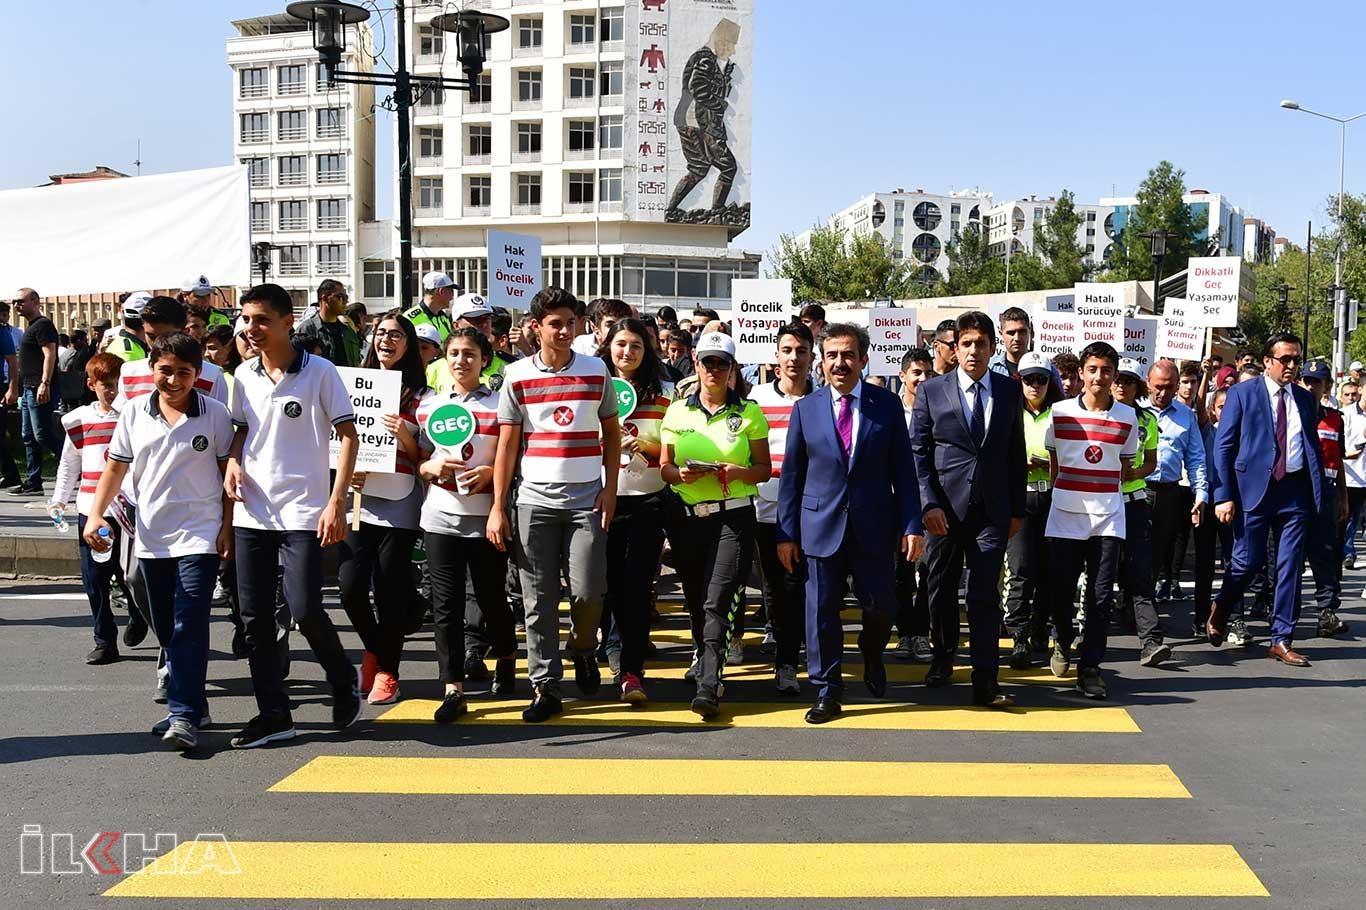 Diyarbakırda Yaya Geçidi Nöbeti Vali Güzeloğlunun katılımıyla gerçekleştirildi.